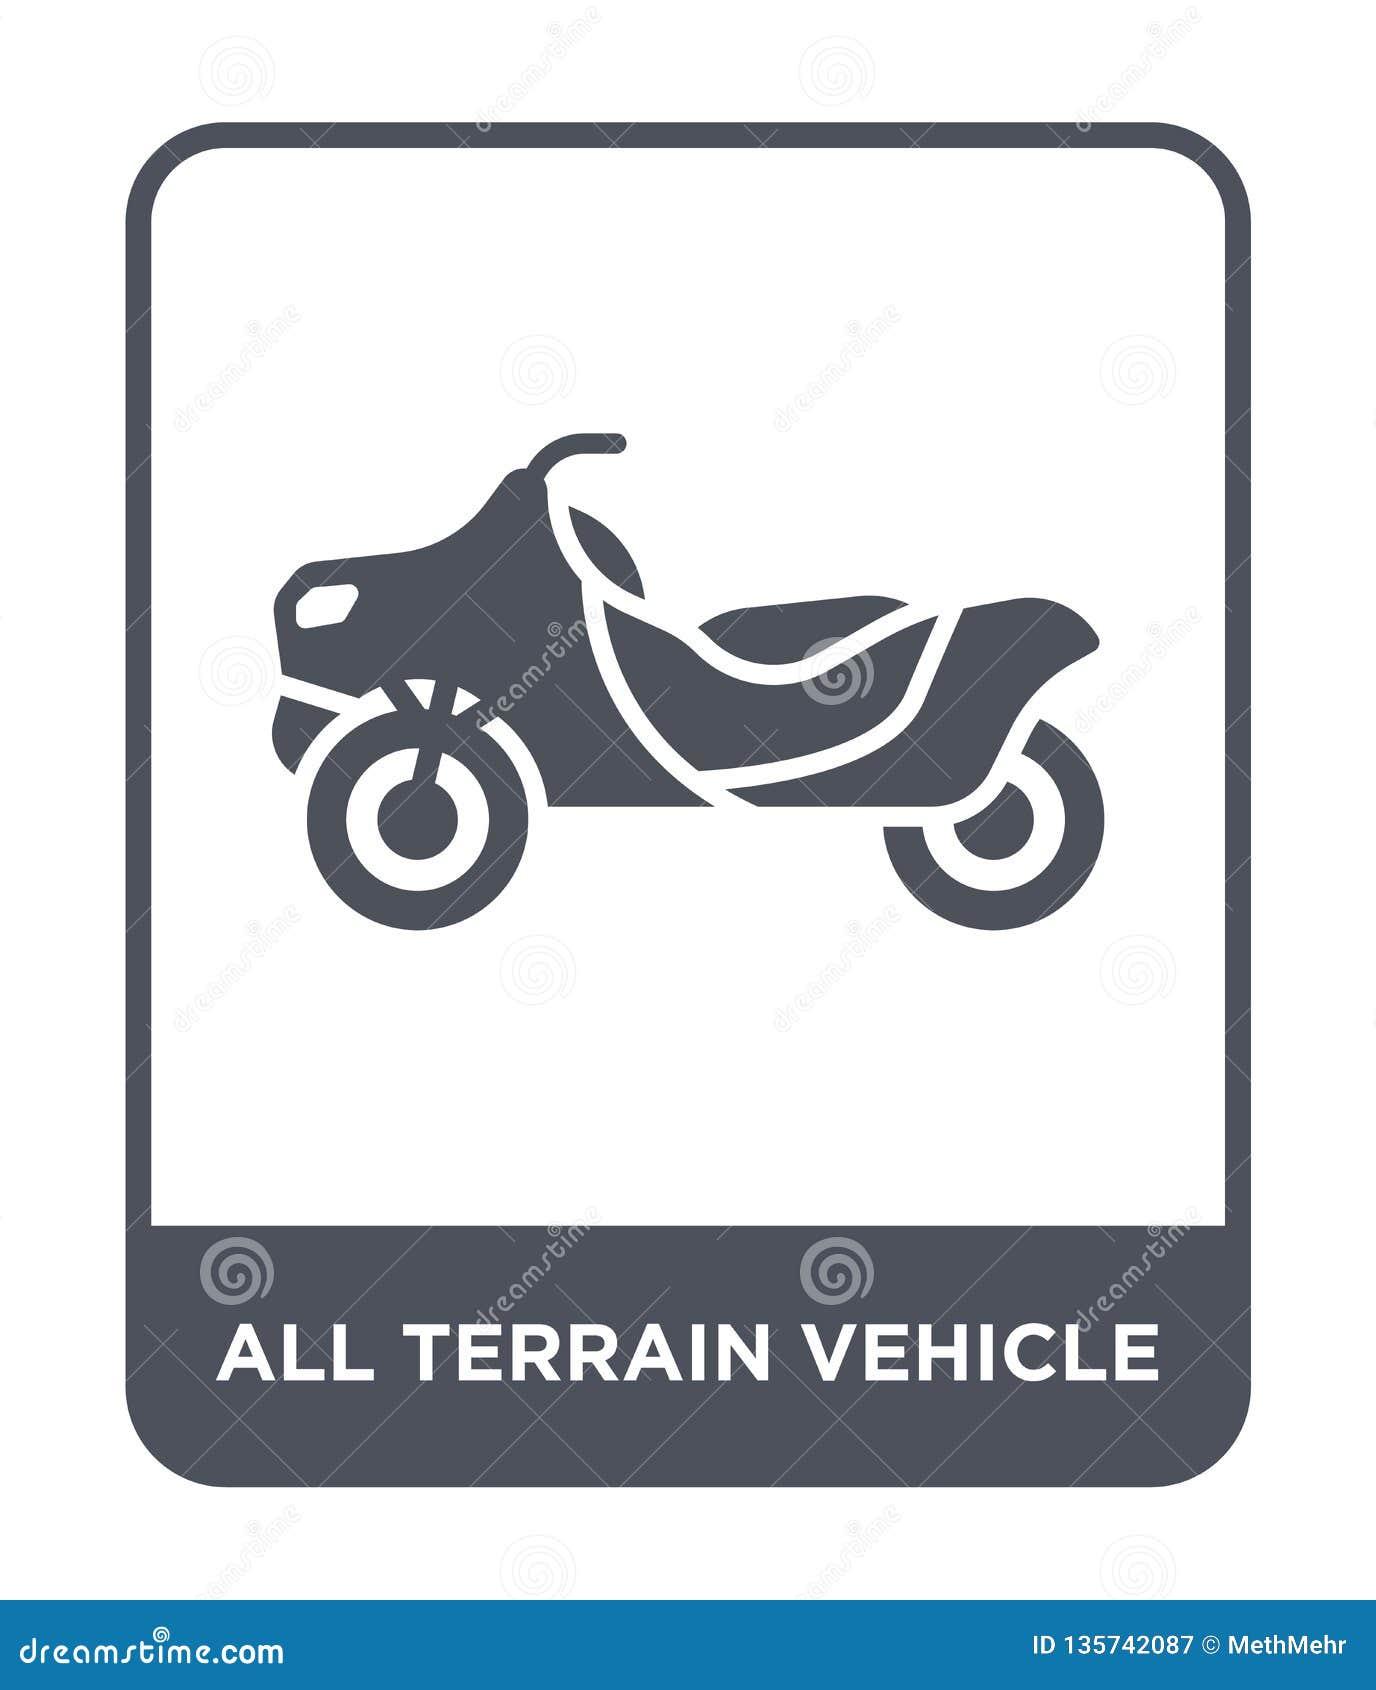 Todo o ícone do veículo do terreno no estilo na moda do projeto todo o ícone do veículo do terreno isolado no fundo branco todo o